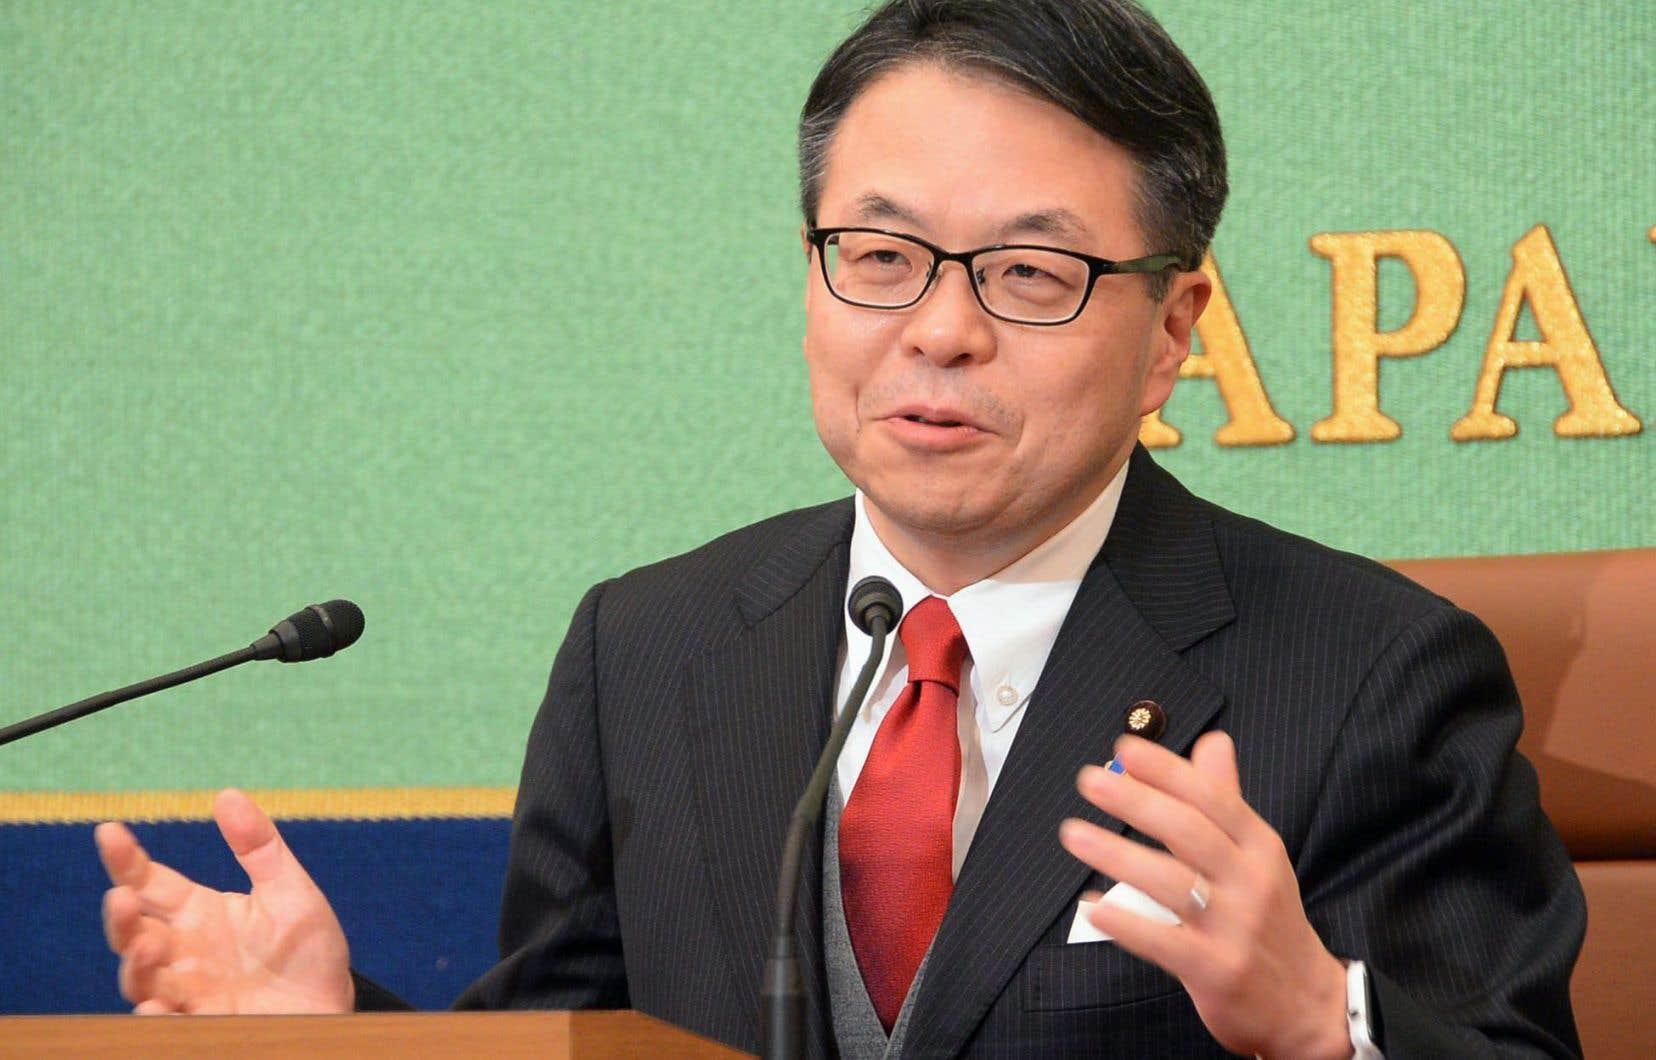 «L'industrie automobile apporte une importante contribution à l'économie américaine», a souligné le ministre japonais du Commerce, Hiroshige Seko.